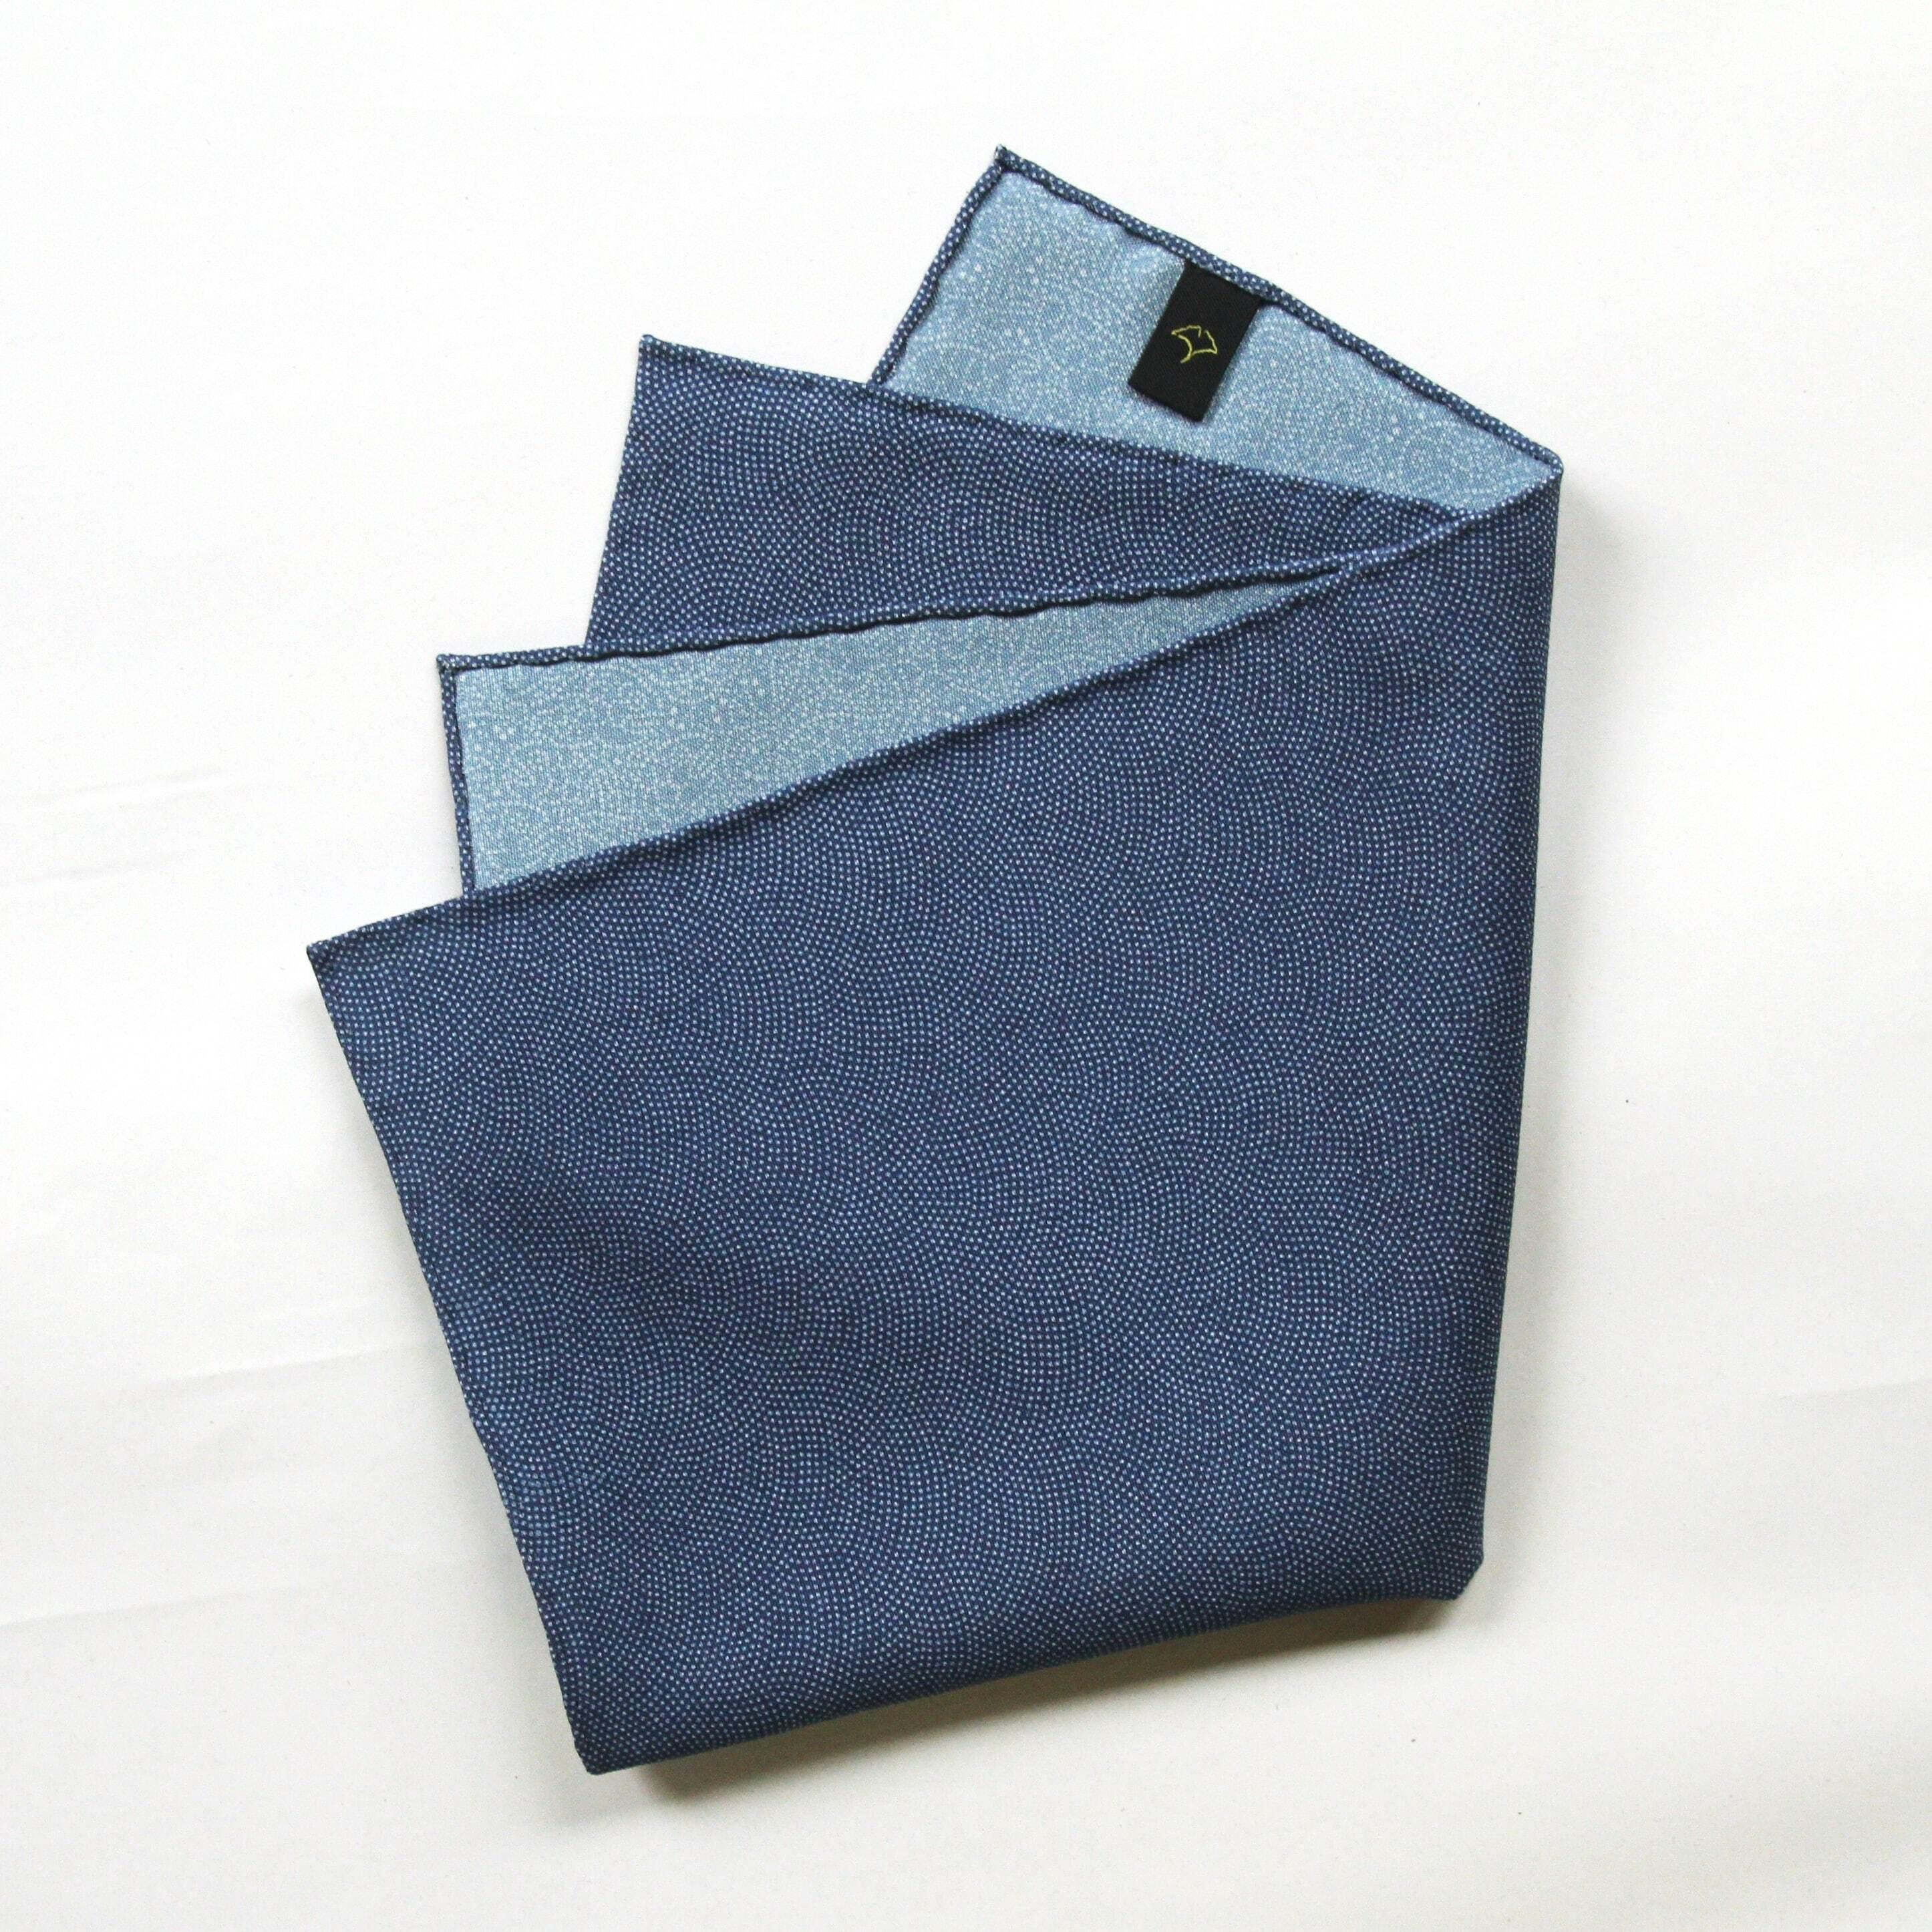 ポケットチーフ〈 鮫と鯛・瑠璃紺色と薄水色 〉